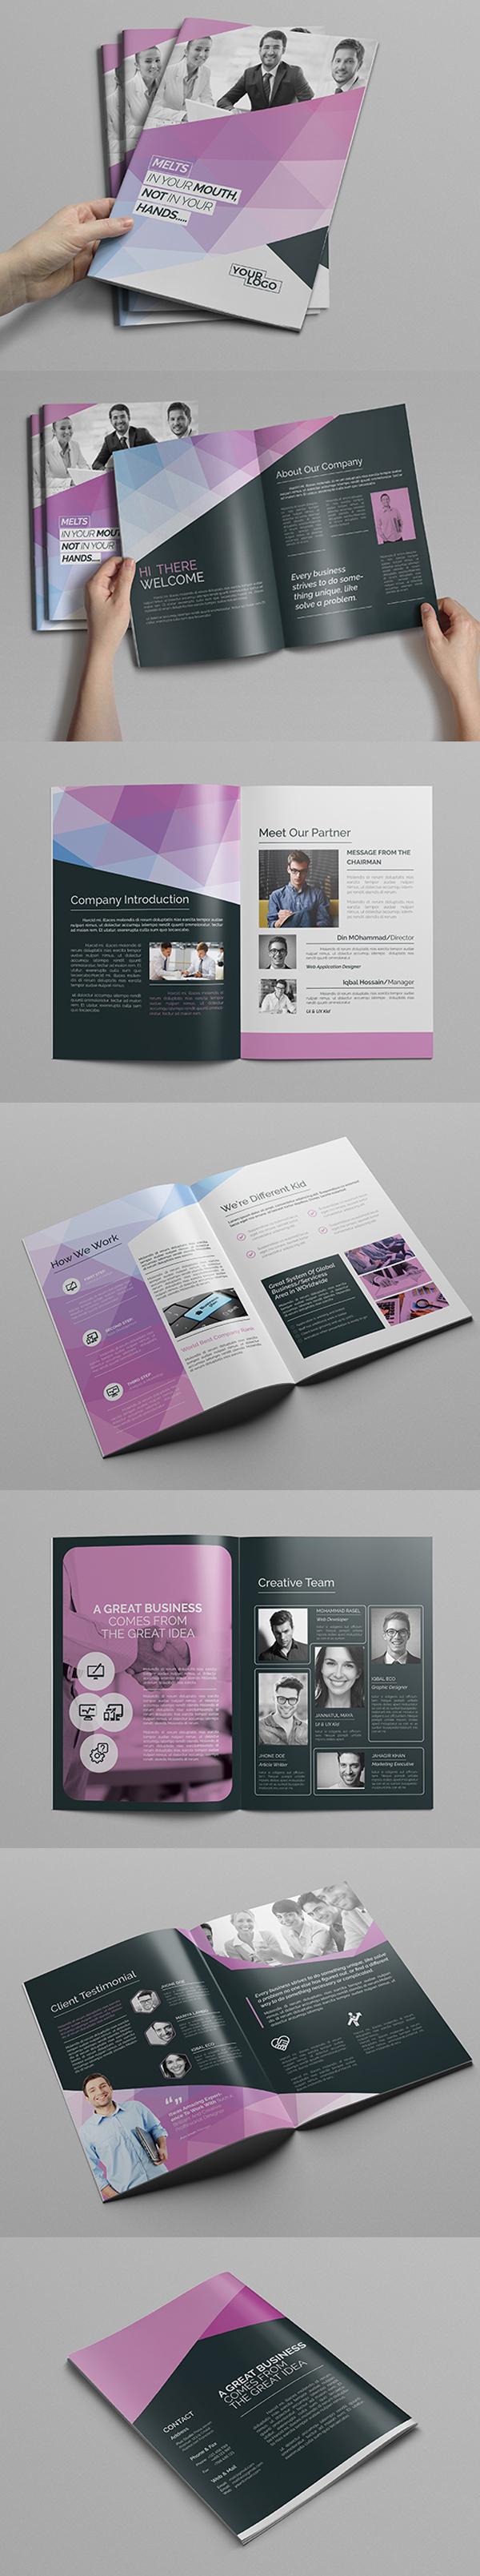 上海画册设计公司创意画册-A4摘要画册设计模板